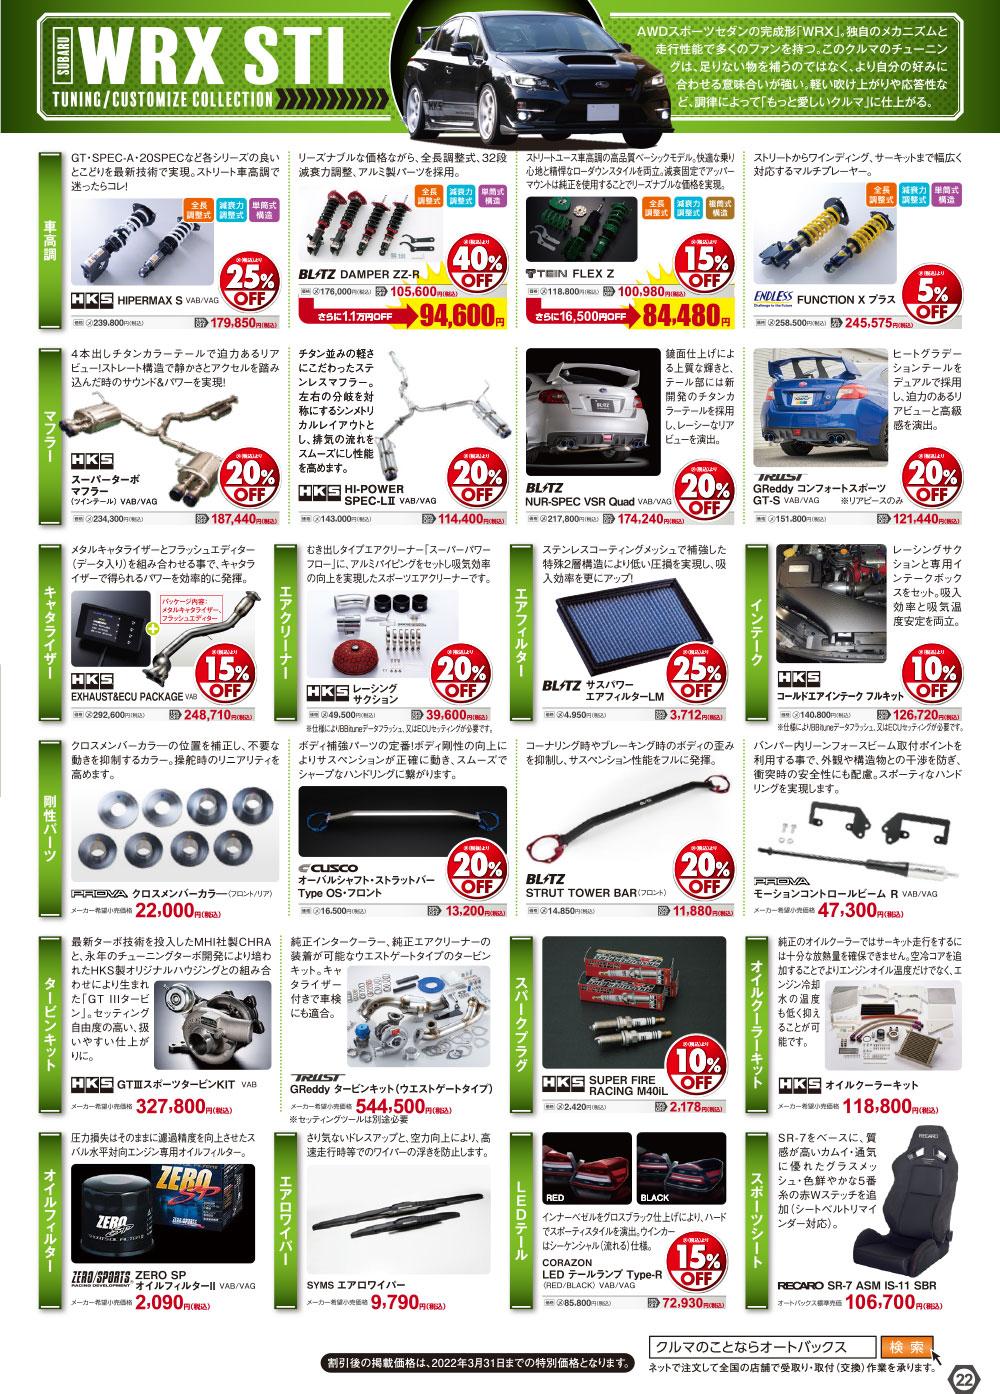 オートバックス_ヒートアップキャンペーン_HKS スバル車チューニング